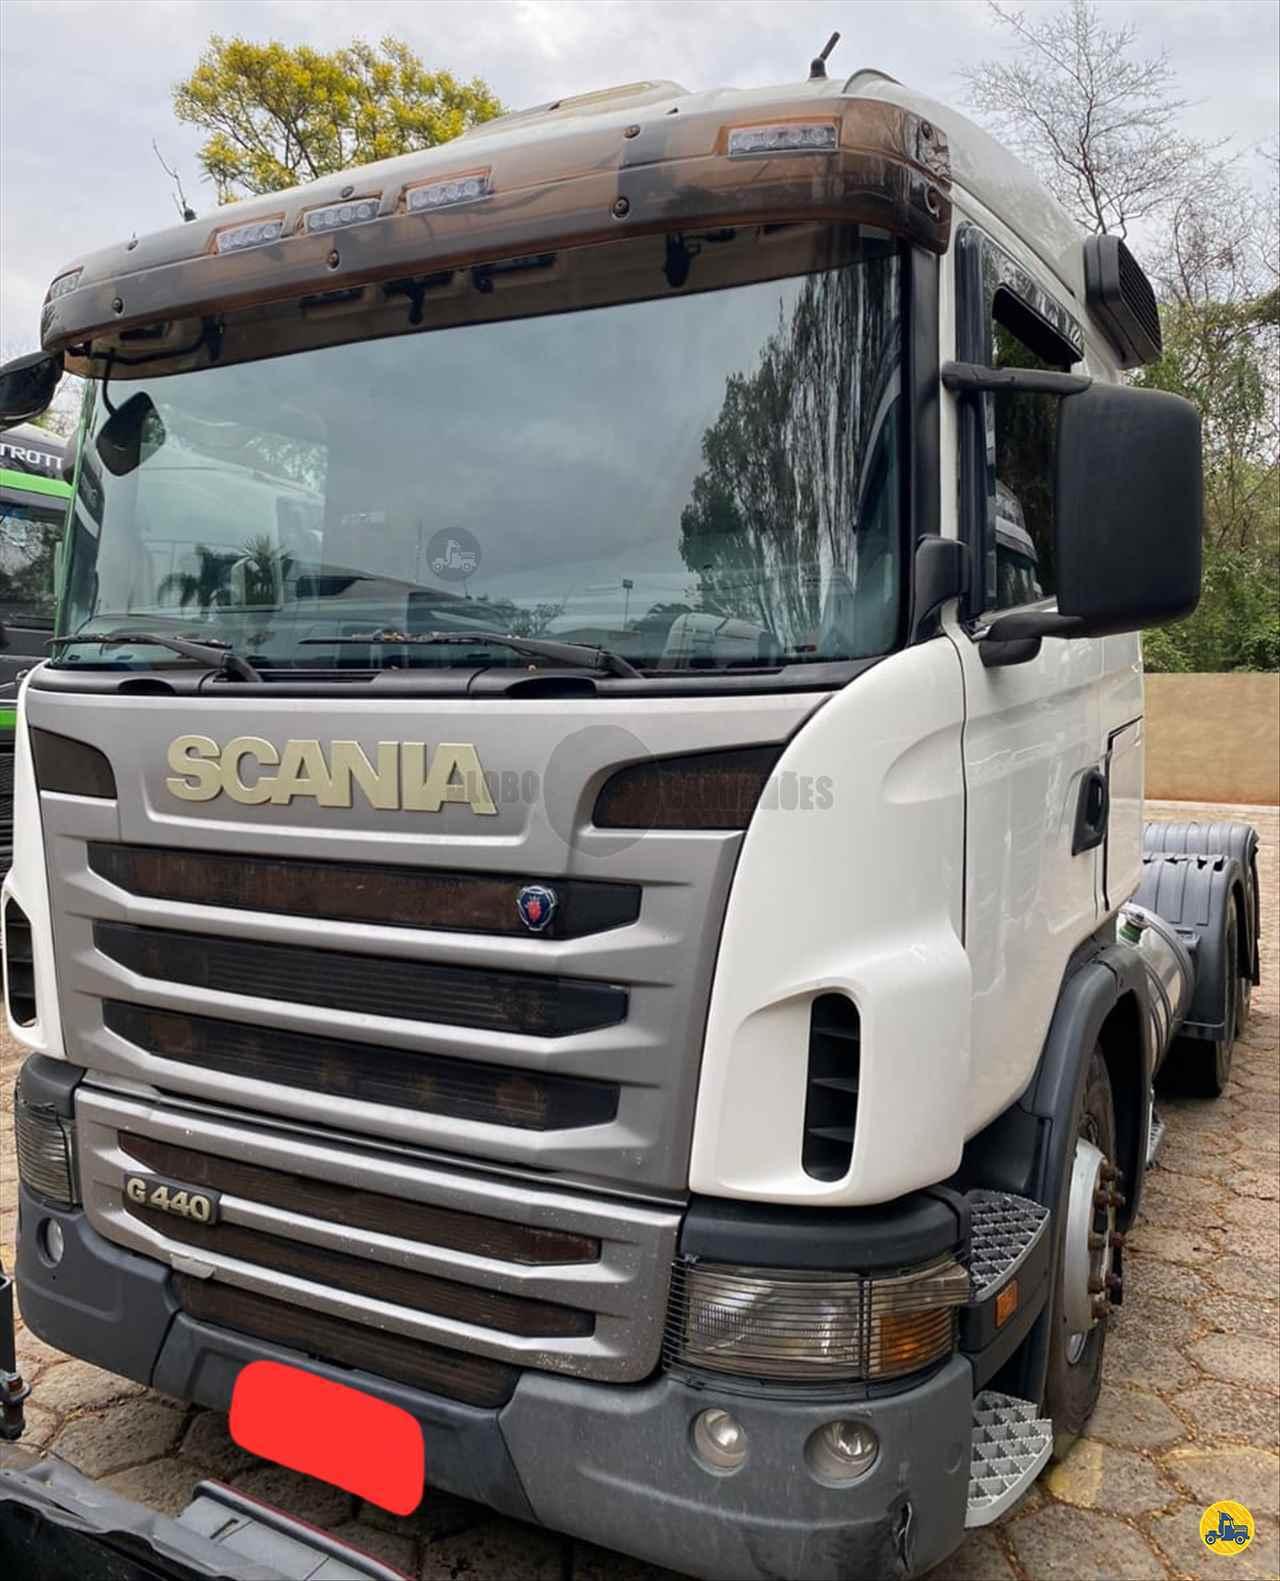 CAMINHAO SCANIA SCANIA 440 Cavalo Mecânico Truck 6x2 Globo Caminhões Helio Maringá MARINGA PARANÁ PR